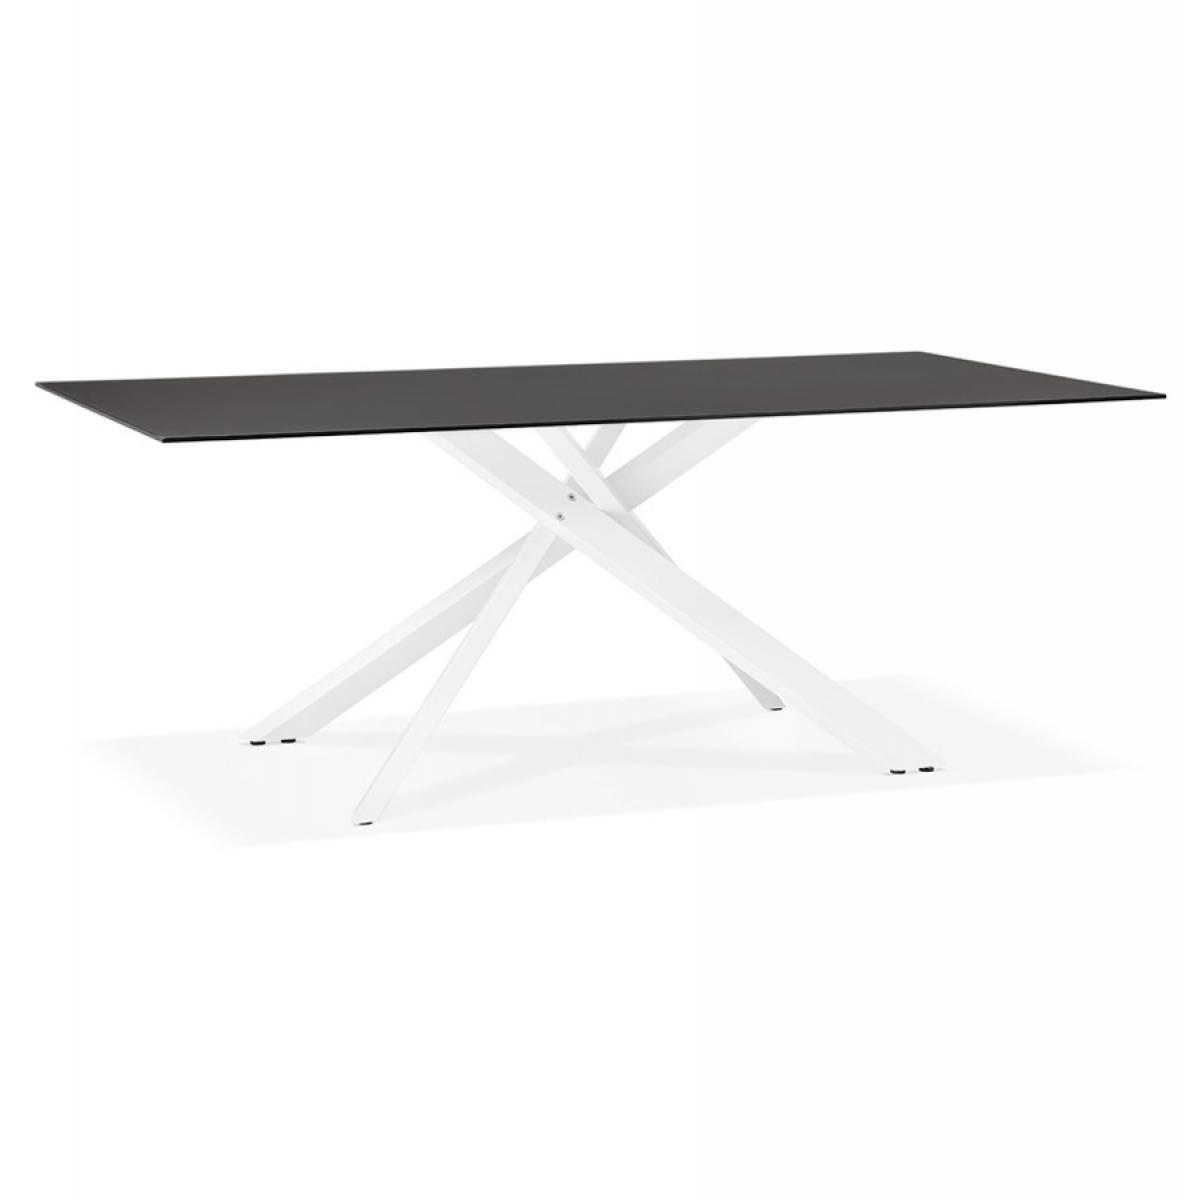 Alterego Table à diner design 'BIRDY' en verre noir avec pied central en x blanc - 200x100 cm